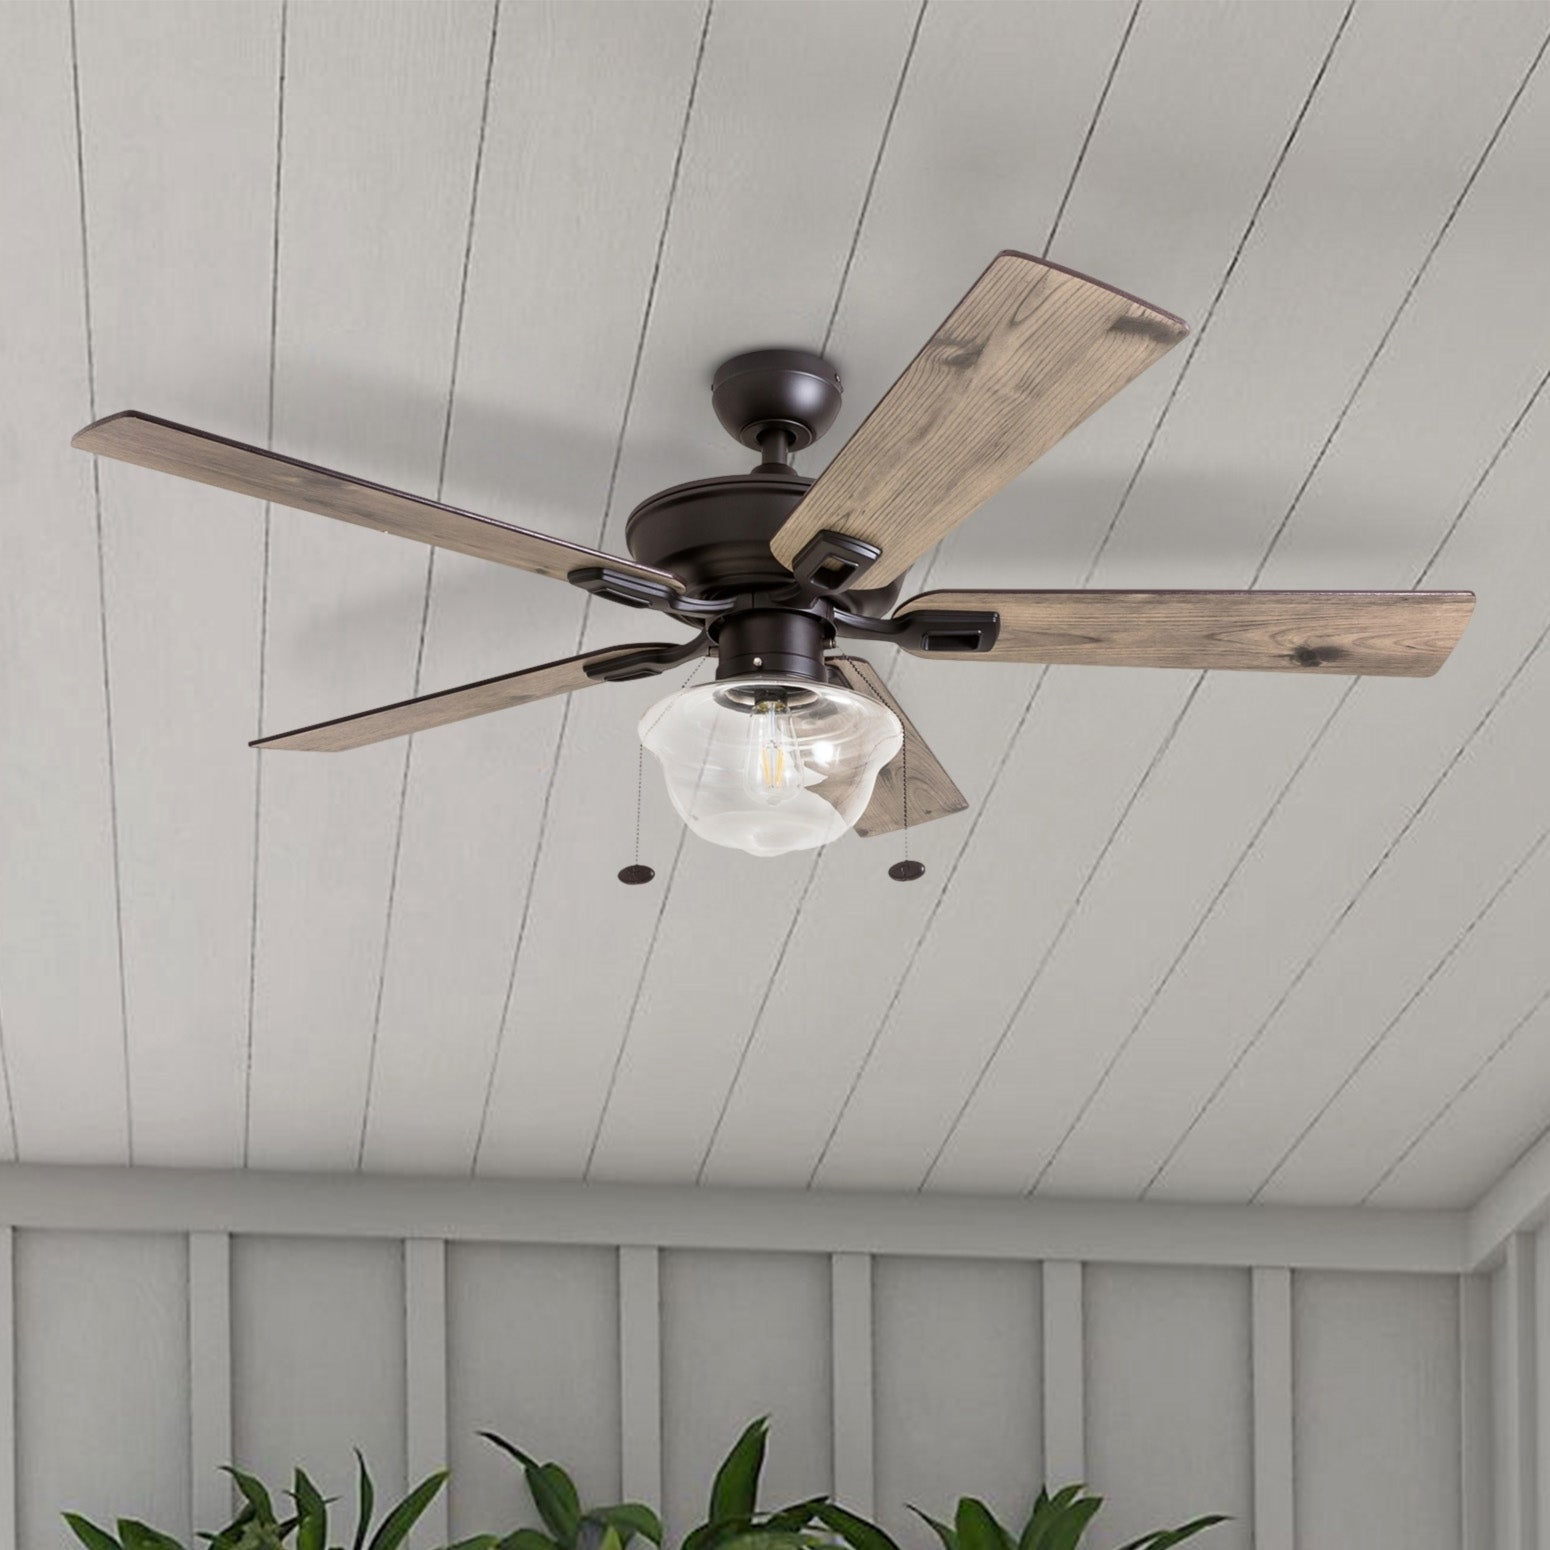 Copper Grove Strang 52 Inch Indoor